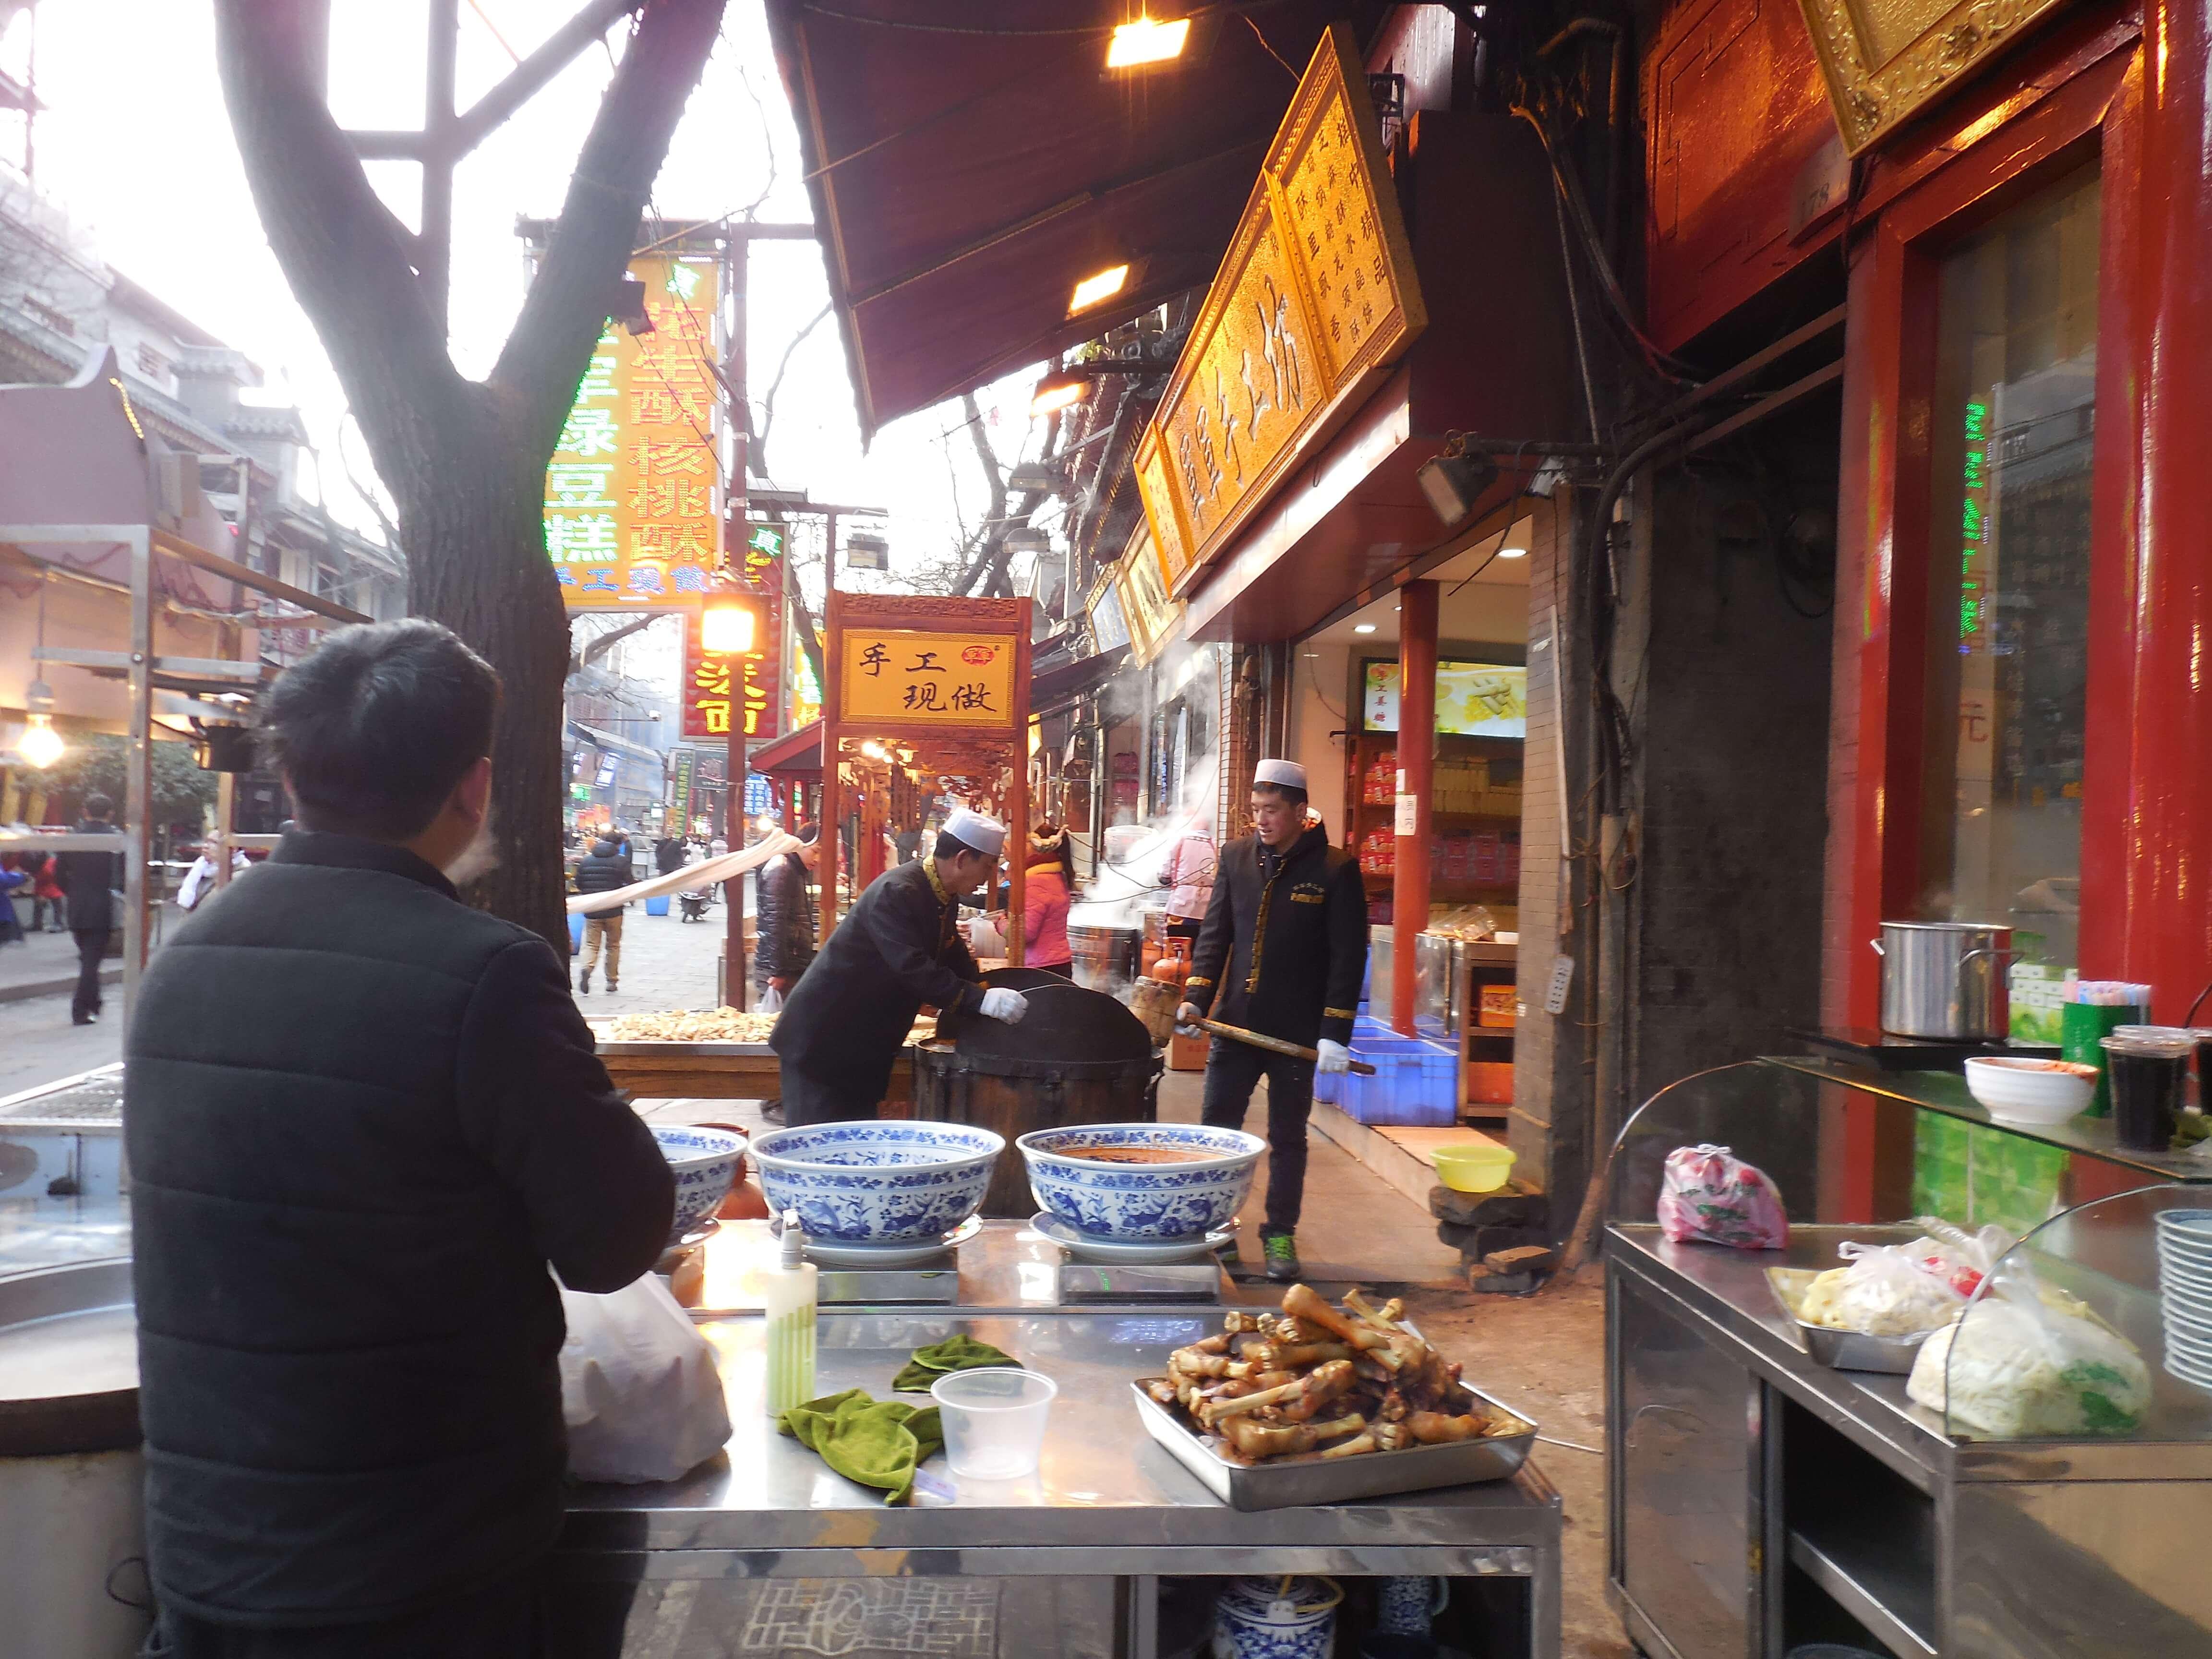 Das muslimische Viertel in Xi'an